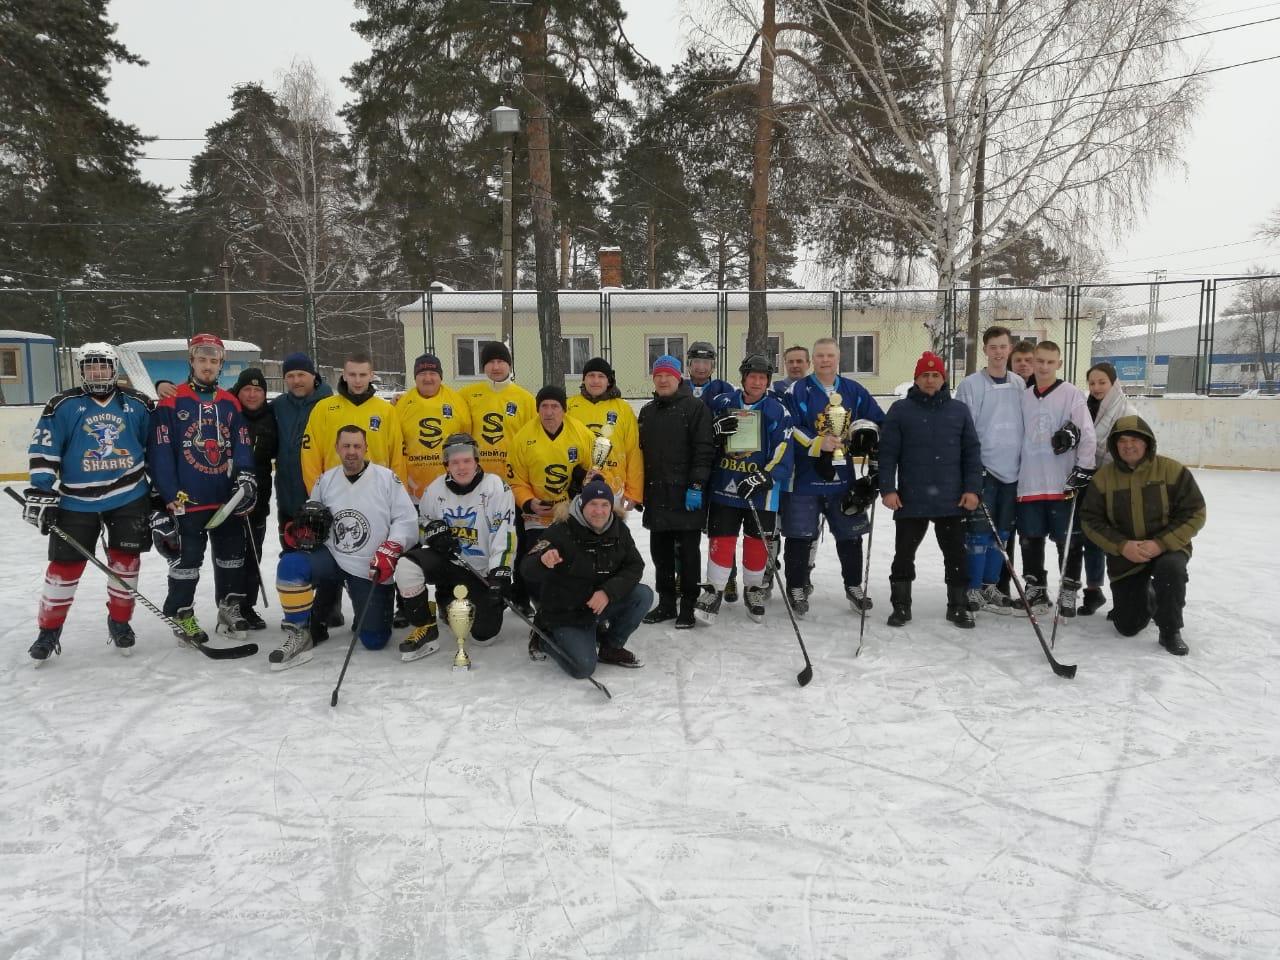 22 февраля на хоккейной коробке Стадиона им. А.Гринина состоялся Открытый турнир на открытом воздухе по хоккею «POND HOCKEY TROPHY – Озёры 2021».